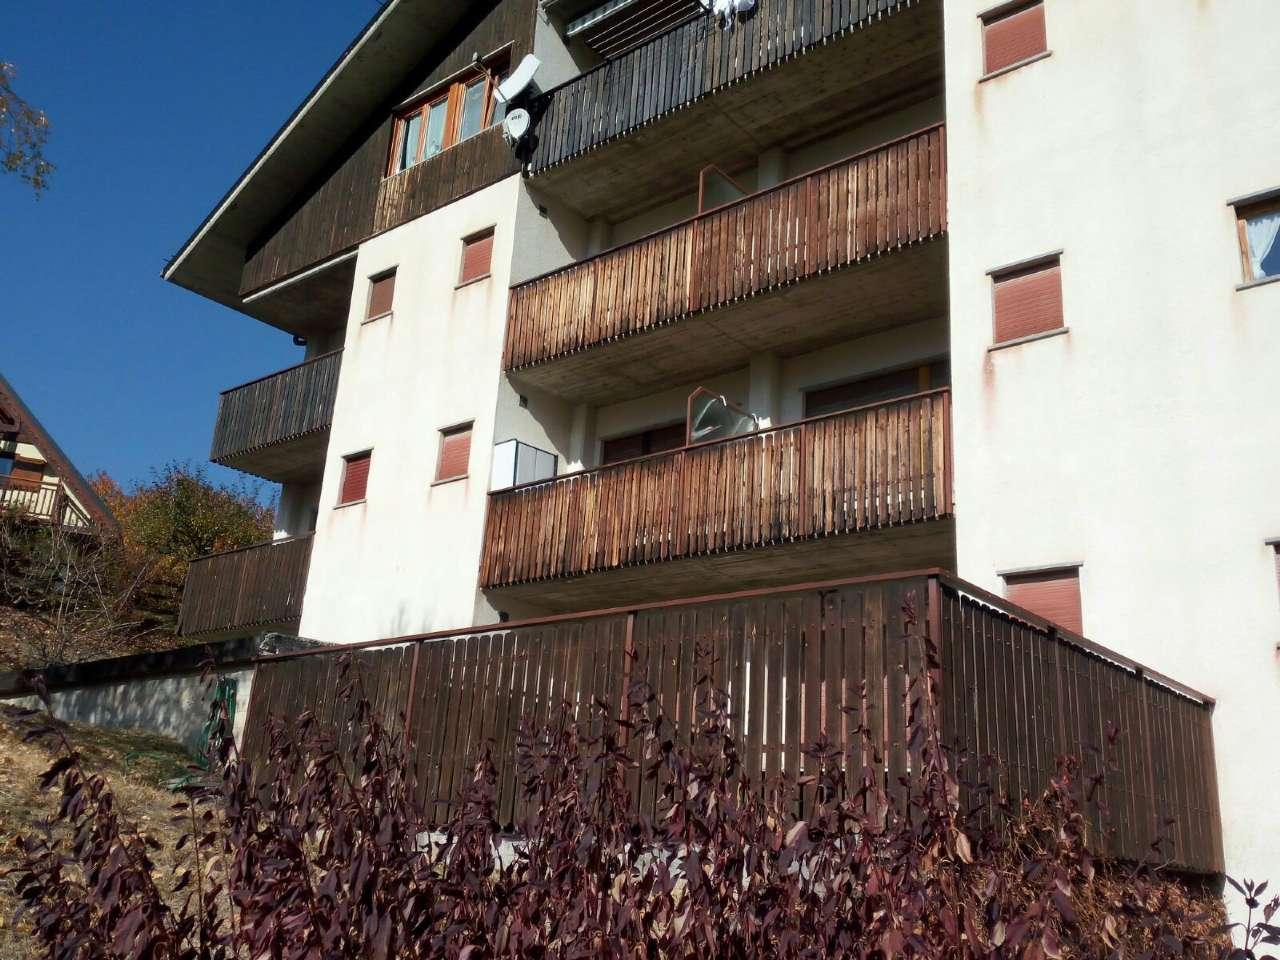 Appartamento in vendita a Oulx, 2 locali, prezzo € 92.000 | CambioCasa.it